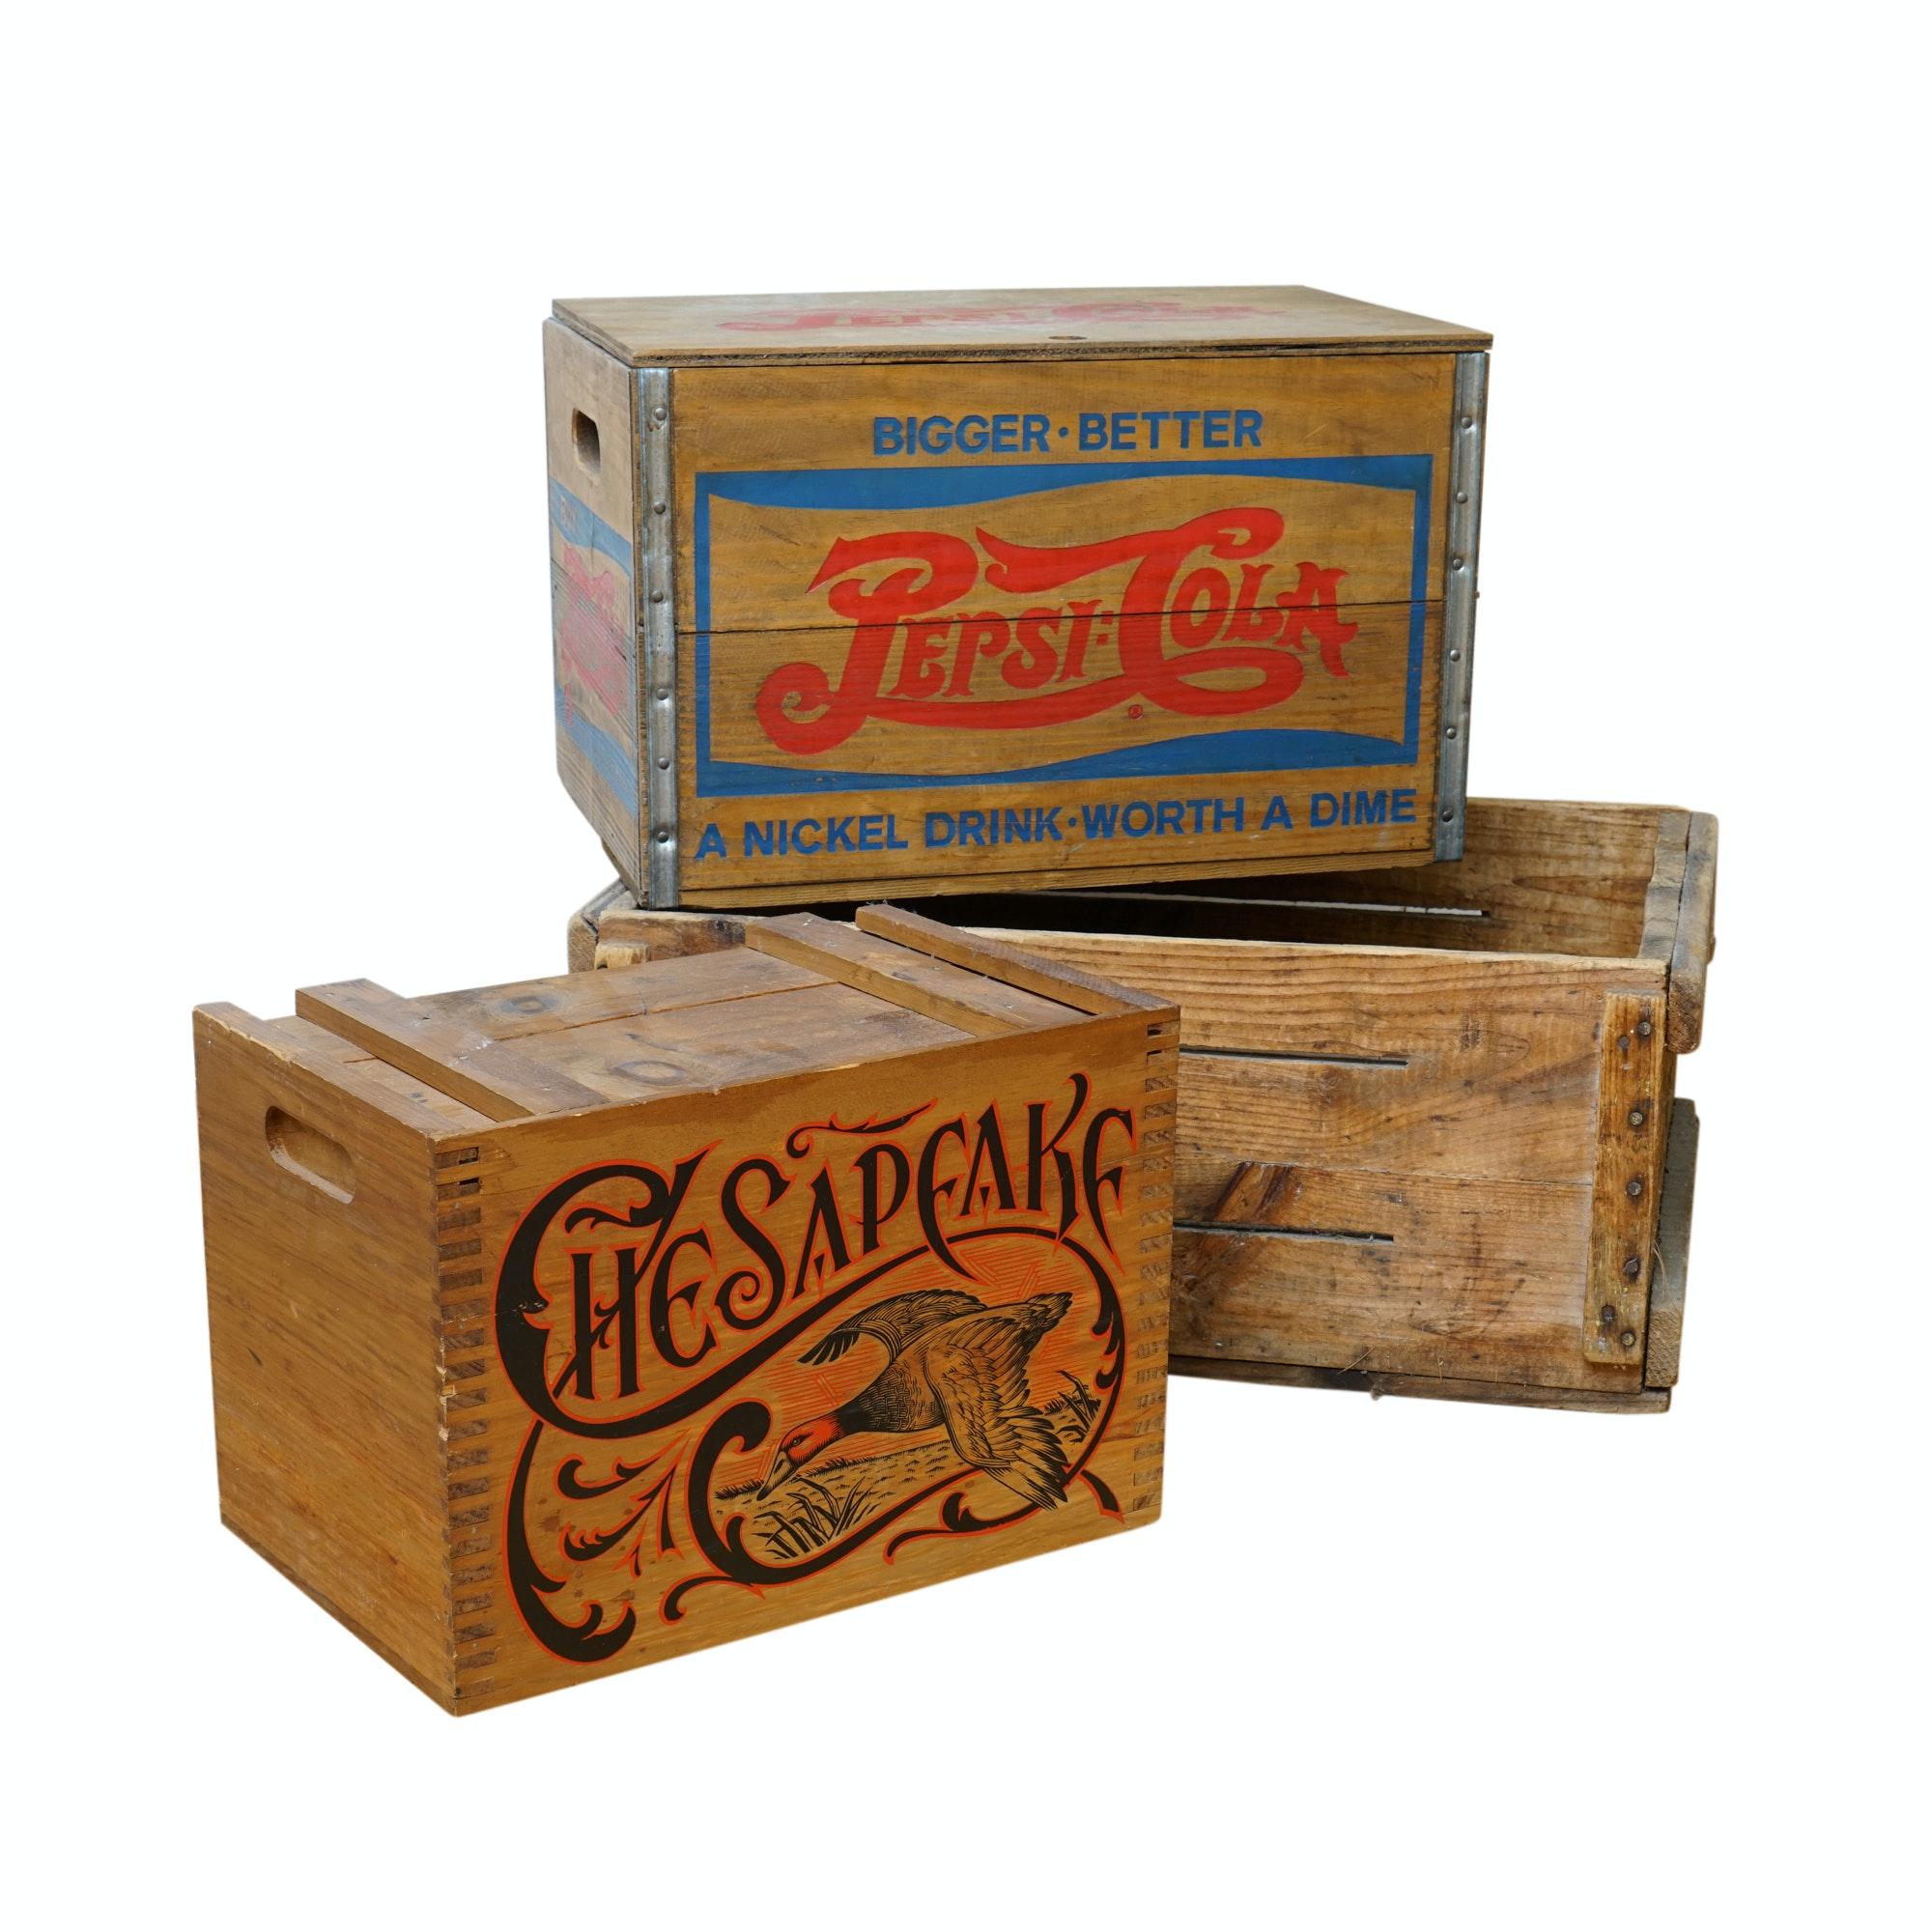 Vintage Branded Wooden Crates